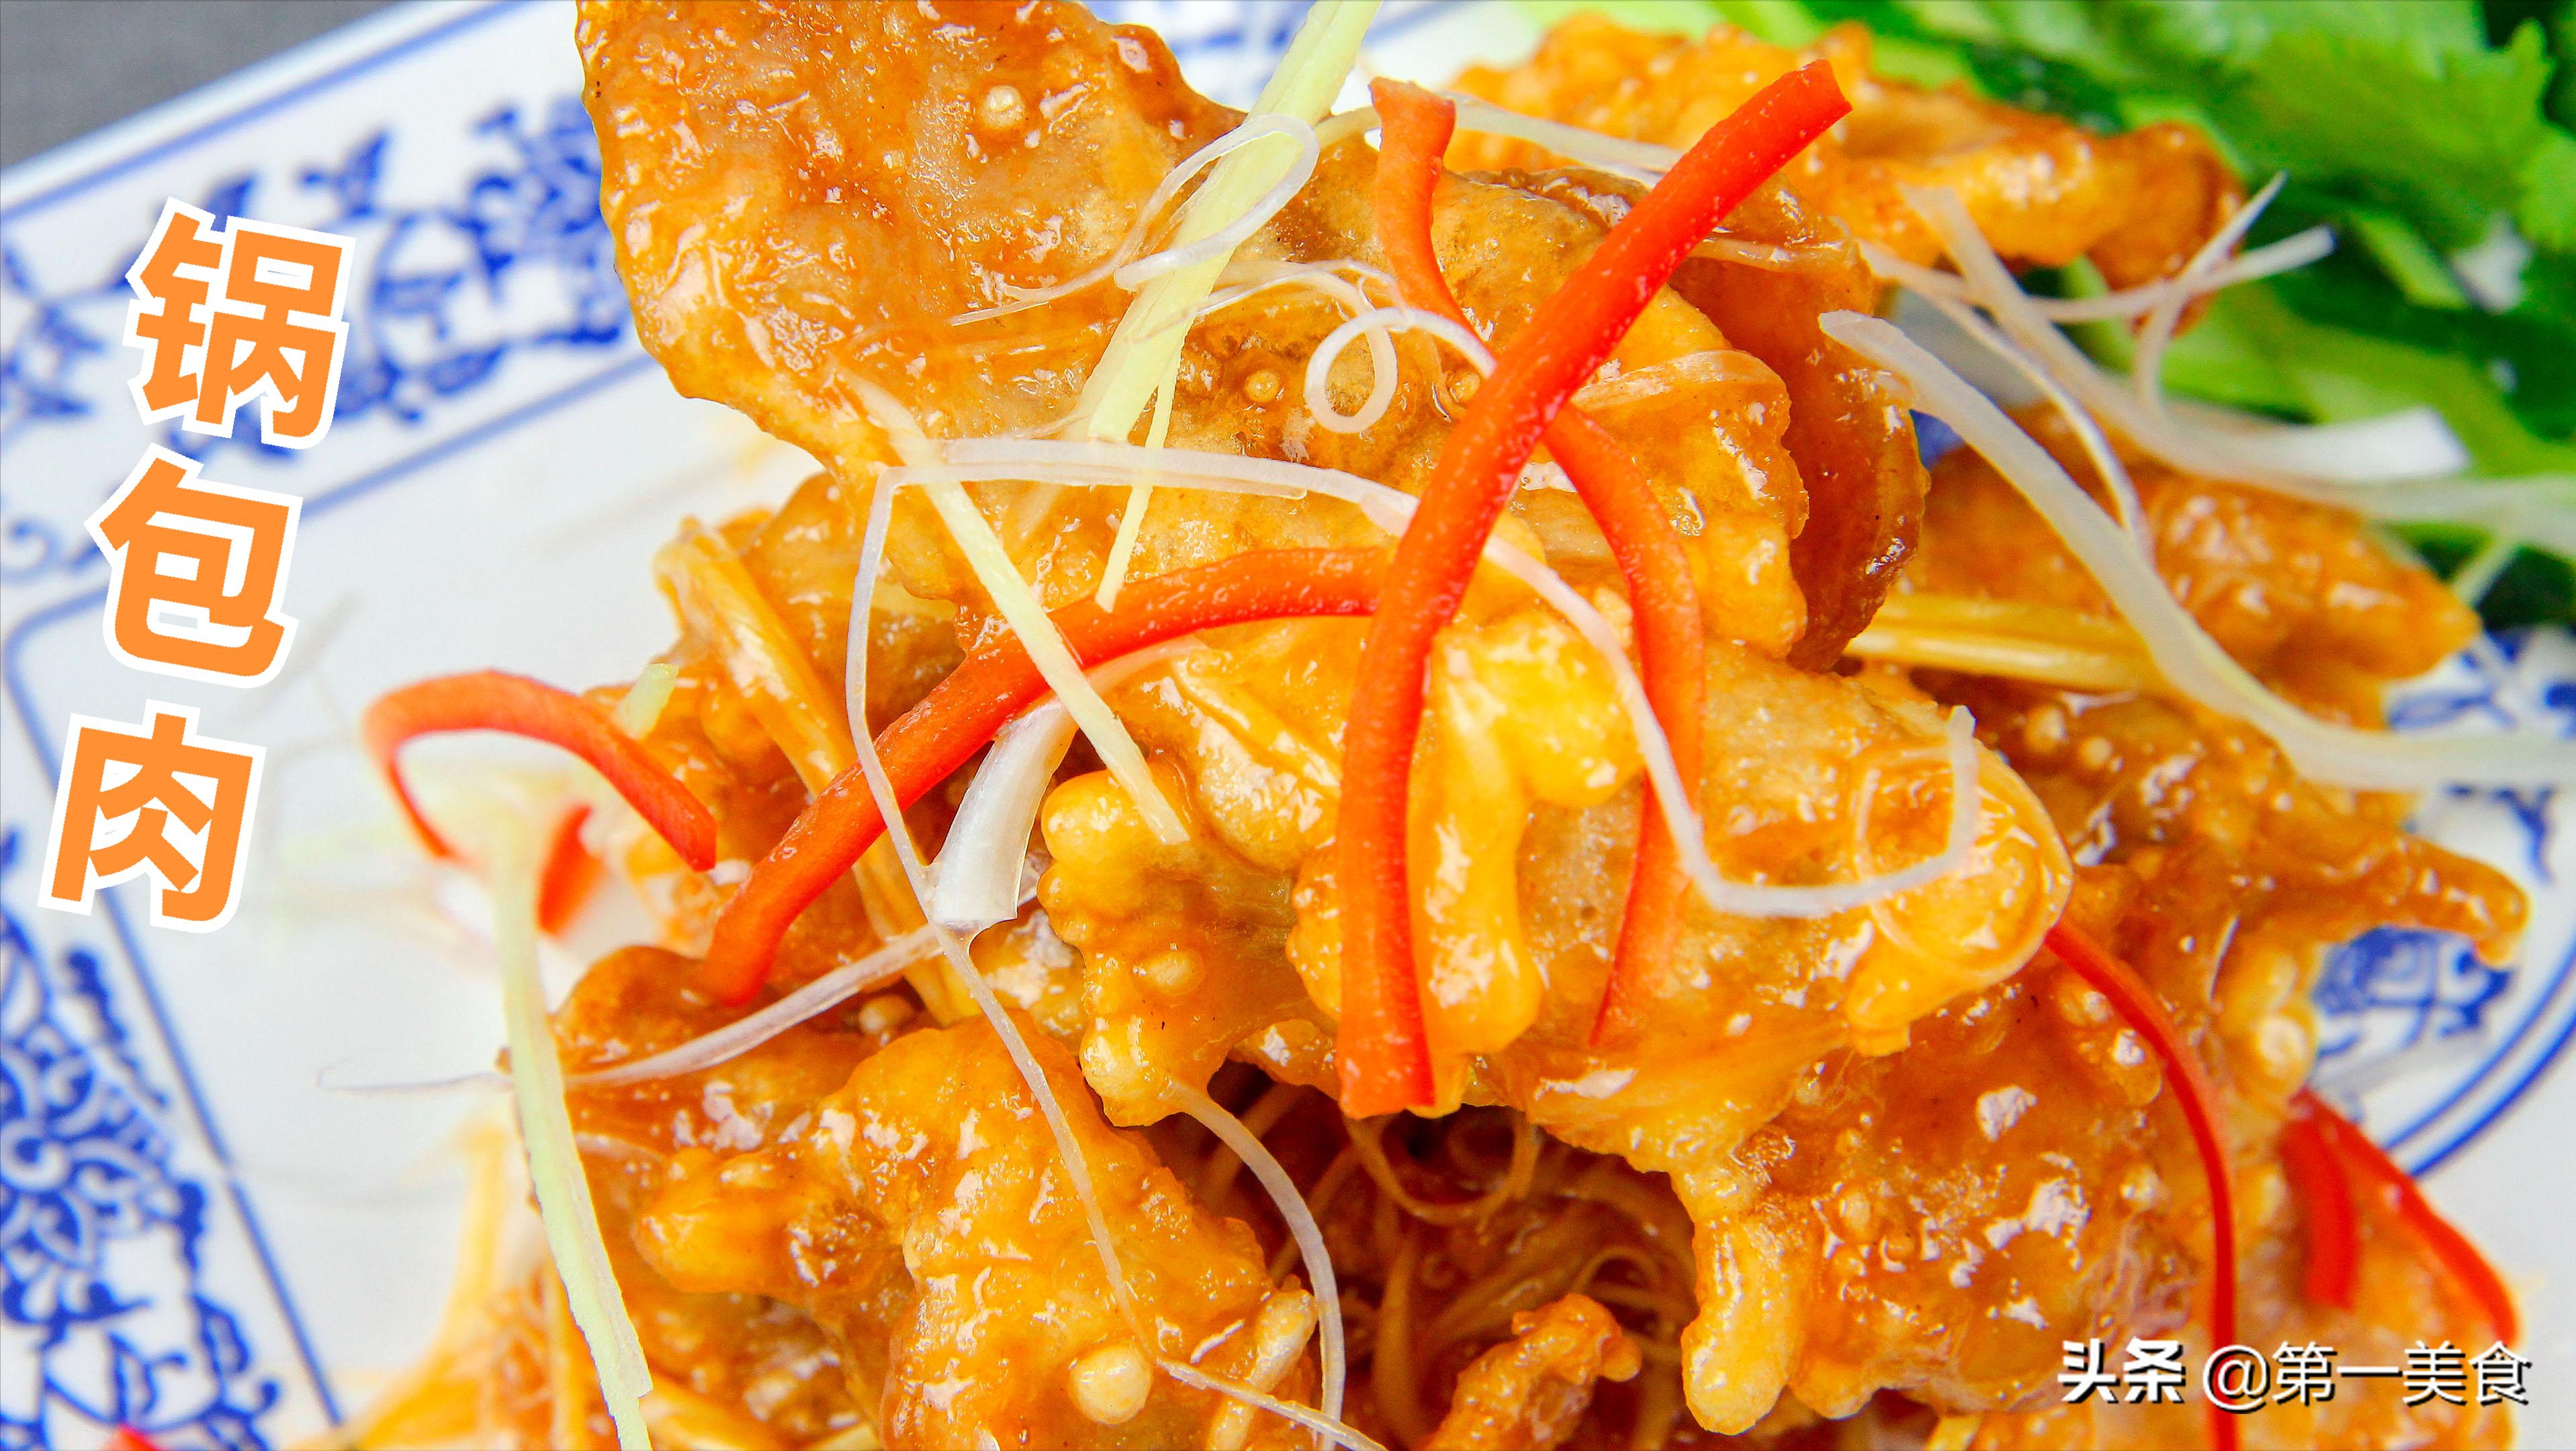 锅包肉做法步骤图 酸甜酥脆吃着带劲